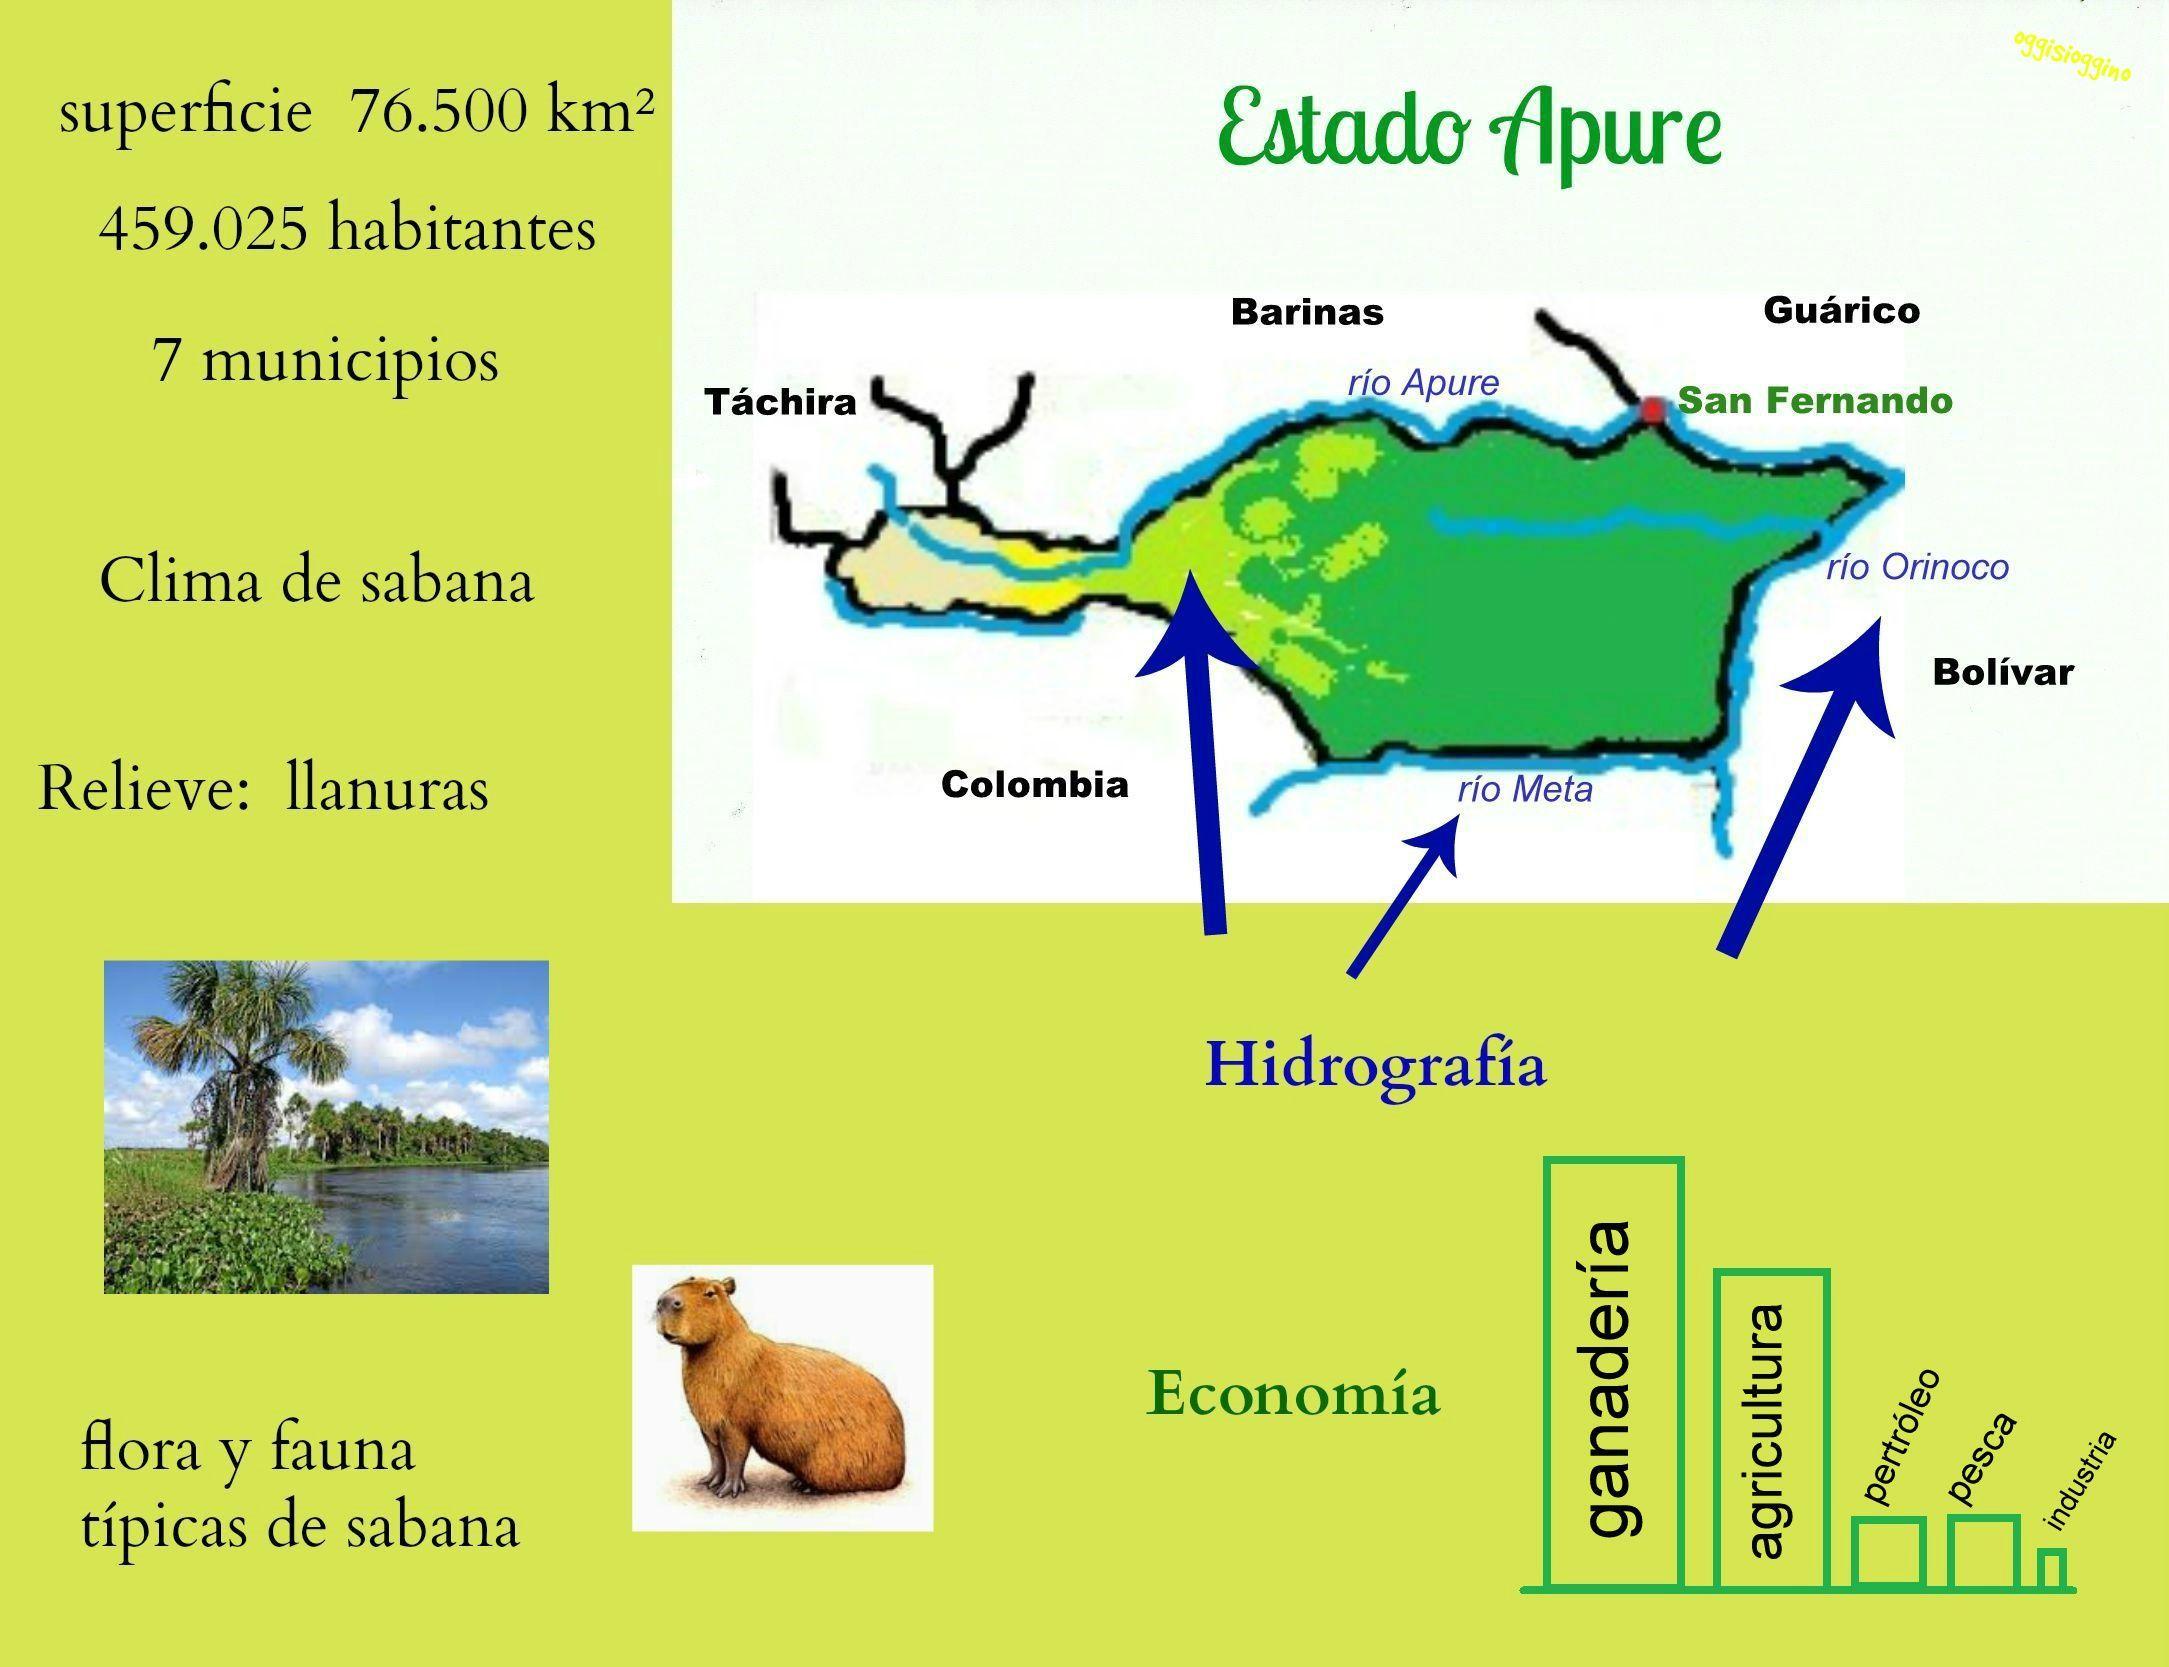 La región de los llanos y la llanura deltaica (Geografía de Venezuela) |  Geografía, Venezuela, Regiones